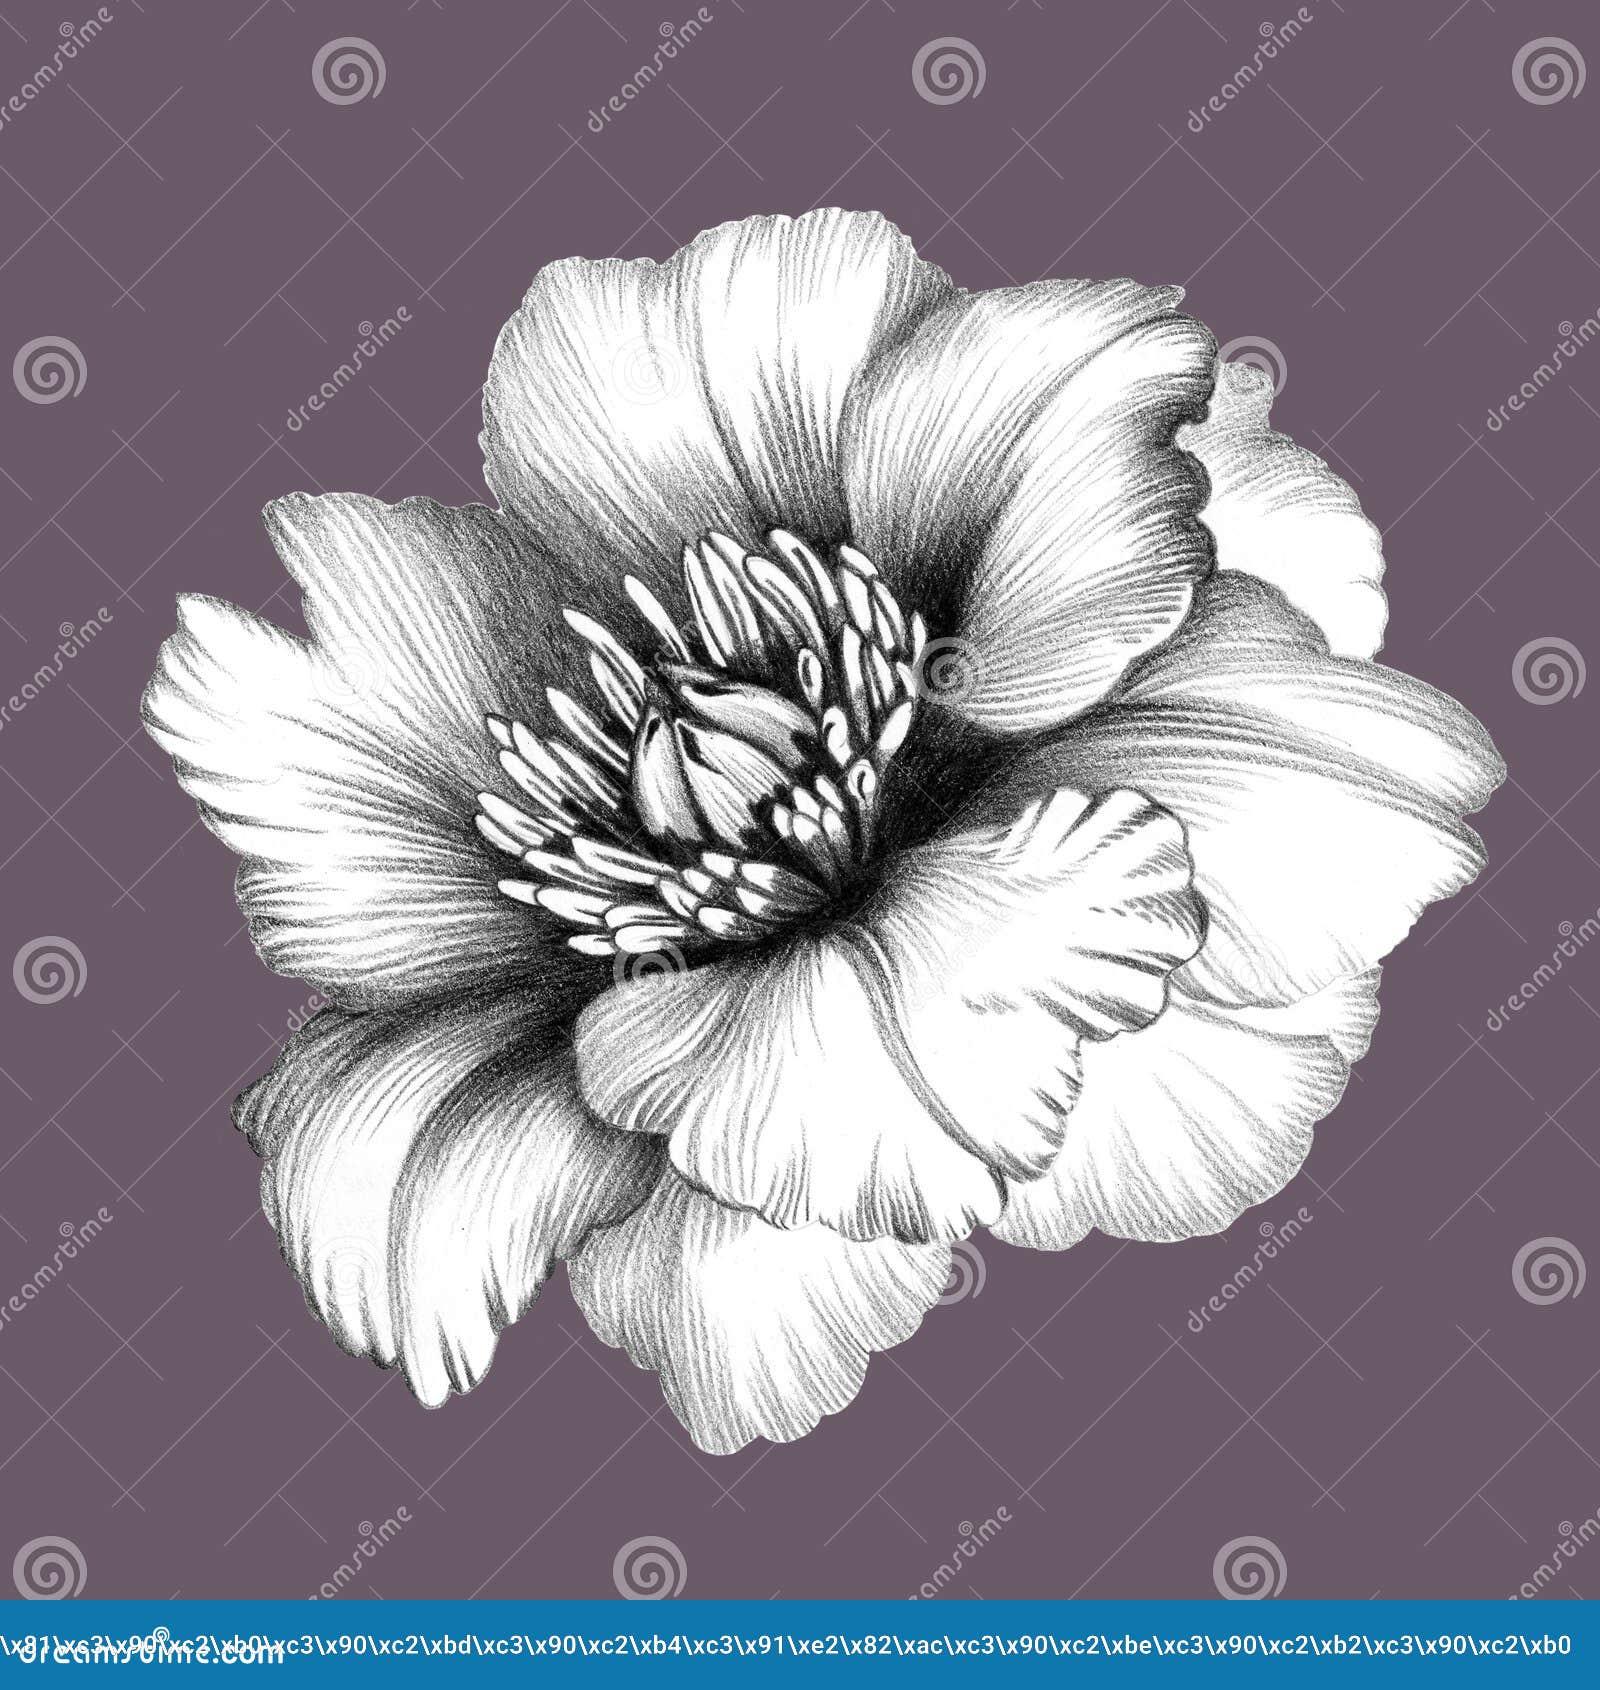 fleur dessin au crayon illustration stock image 60806940. Black Bedroom Furniture Sets. Home Design Ideas